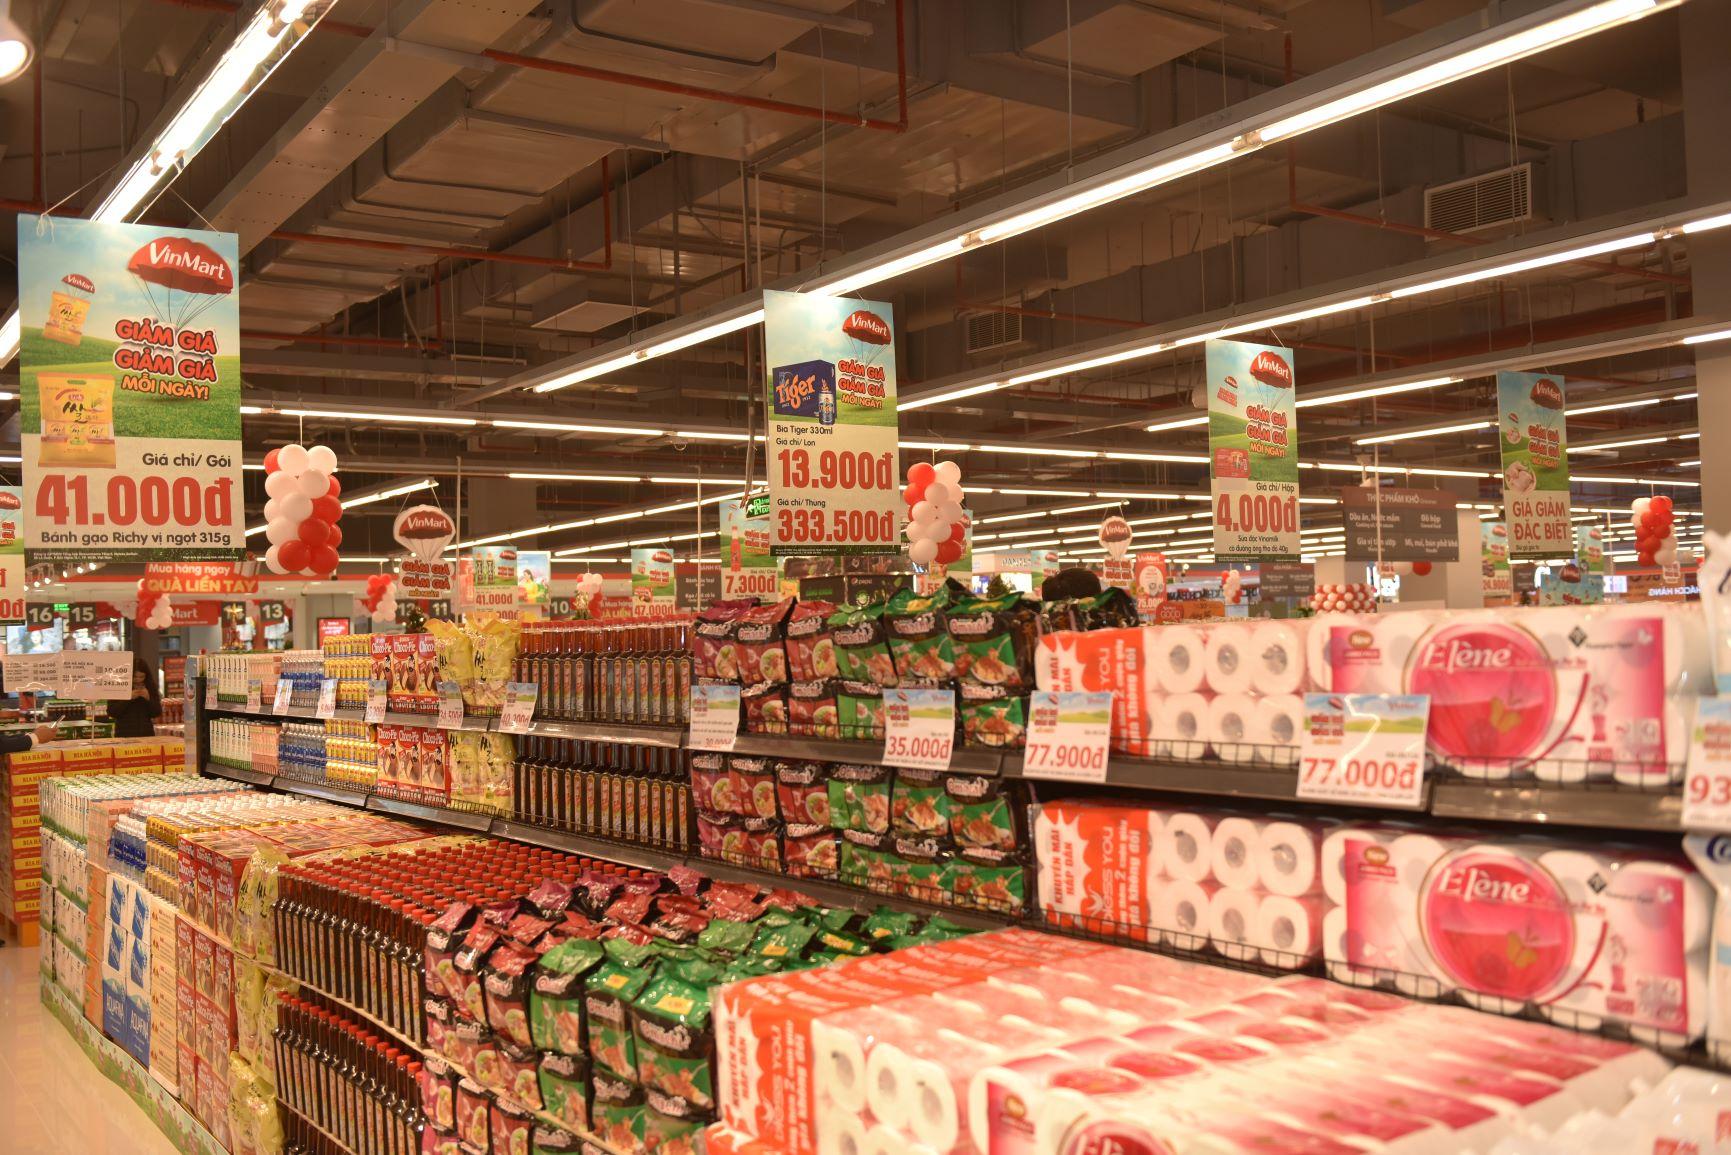 Khai trương siêu thị VinMart Ocean Park - Tươi ngon thượng hạng, khuyến mãi ngập tràn 6